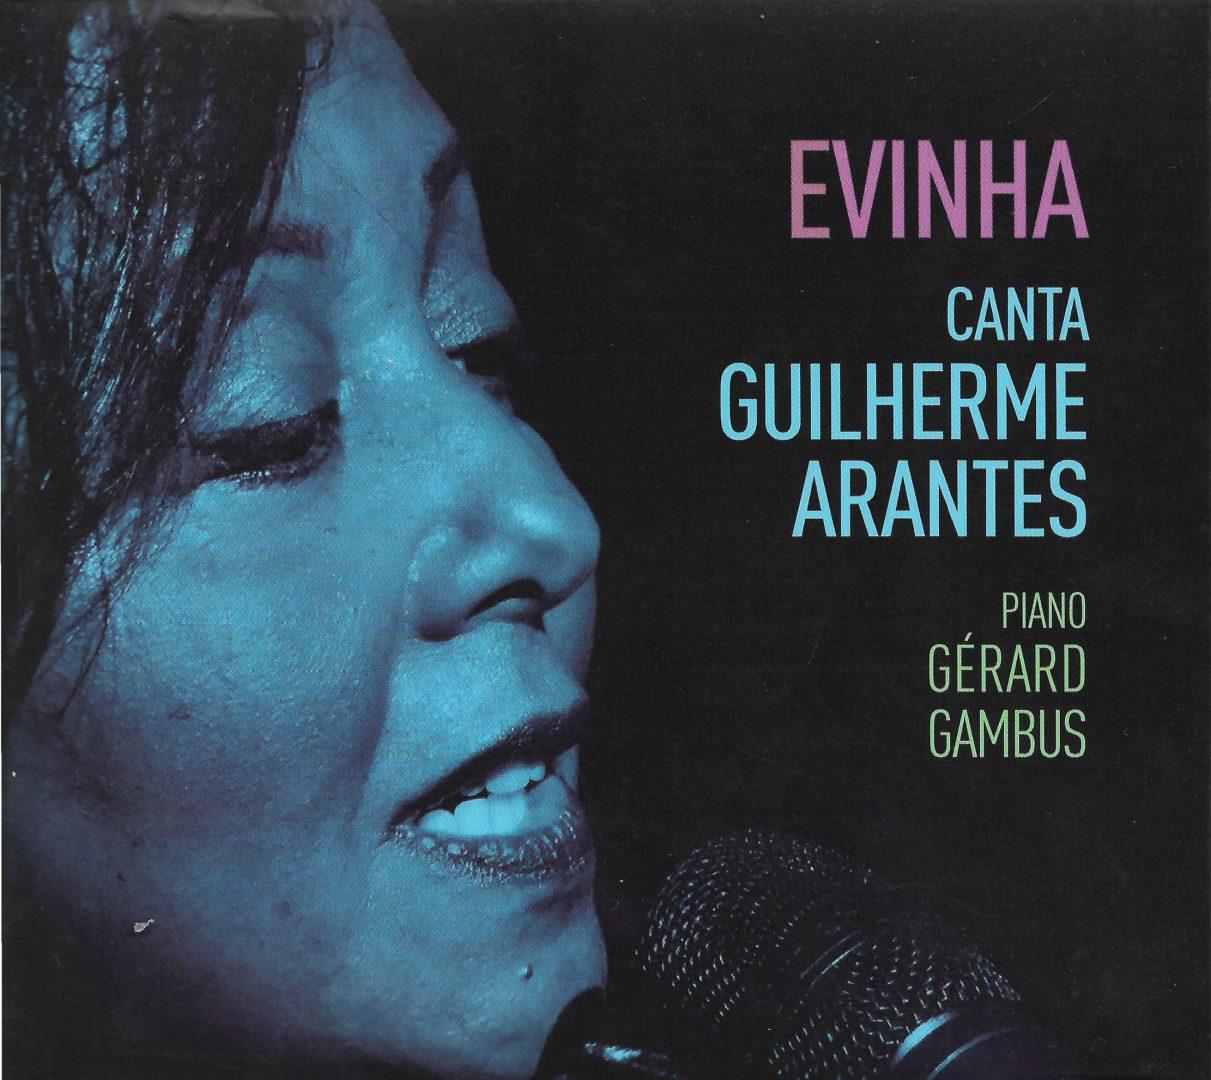 Capa CD Evinha canta Guilherme Arantes  Um CD elegante